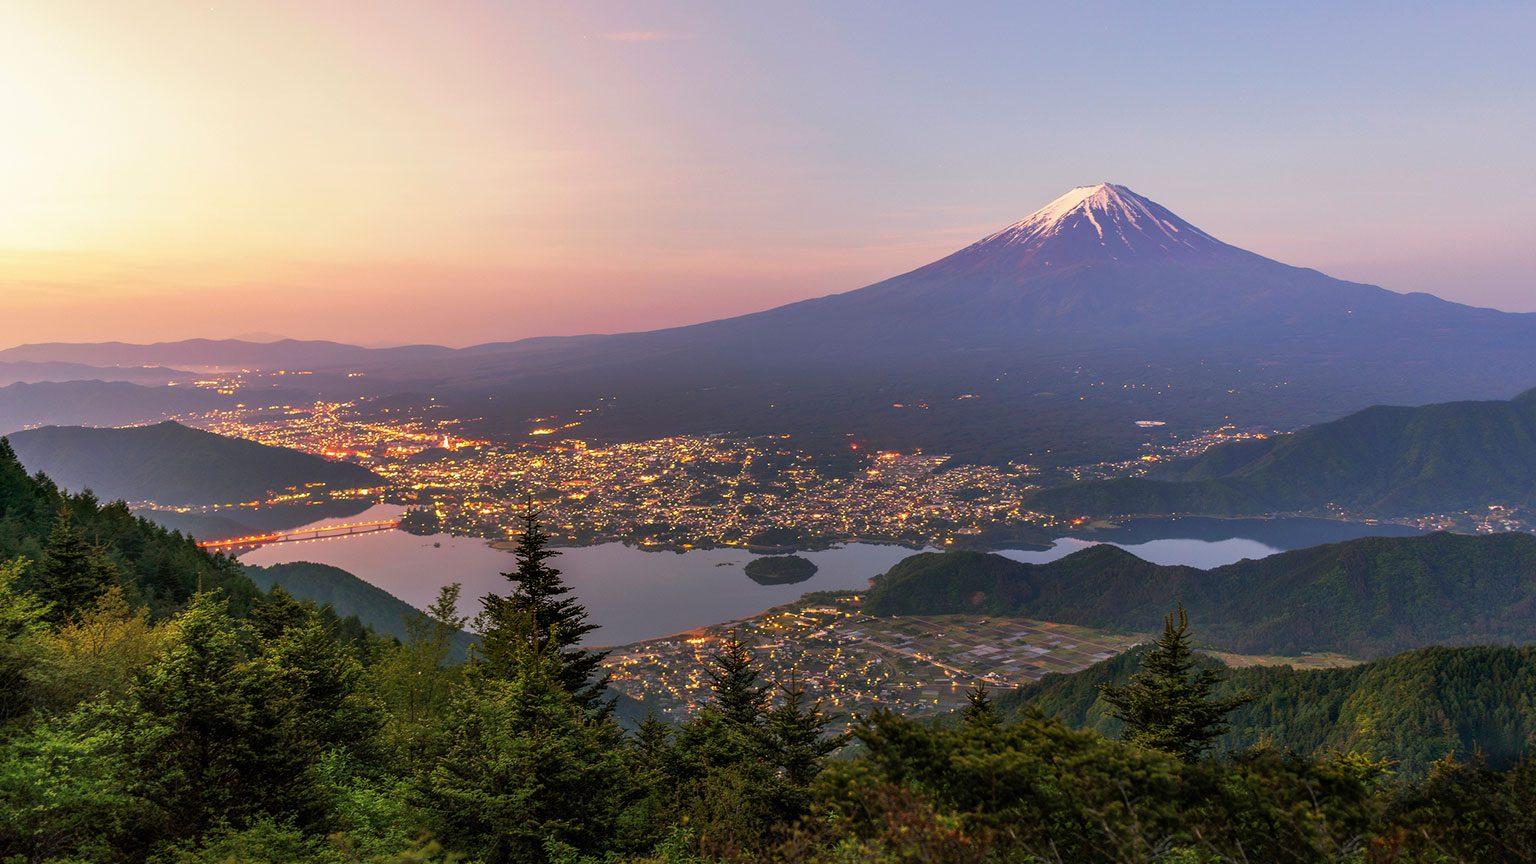 Mount Fuji above Tokyo, Japan at sunset